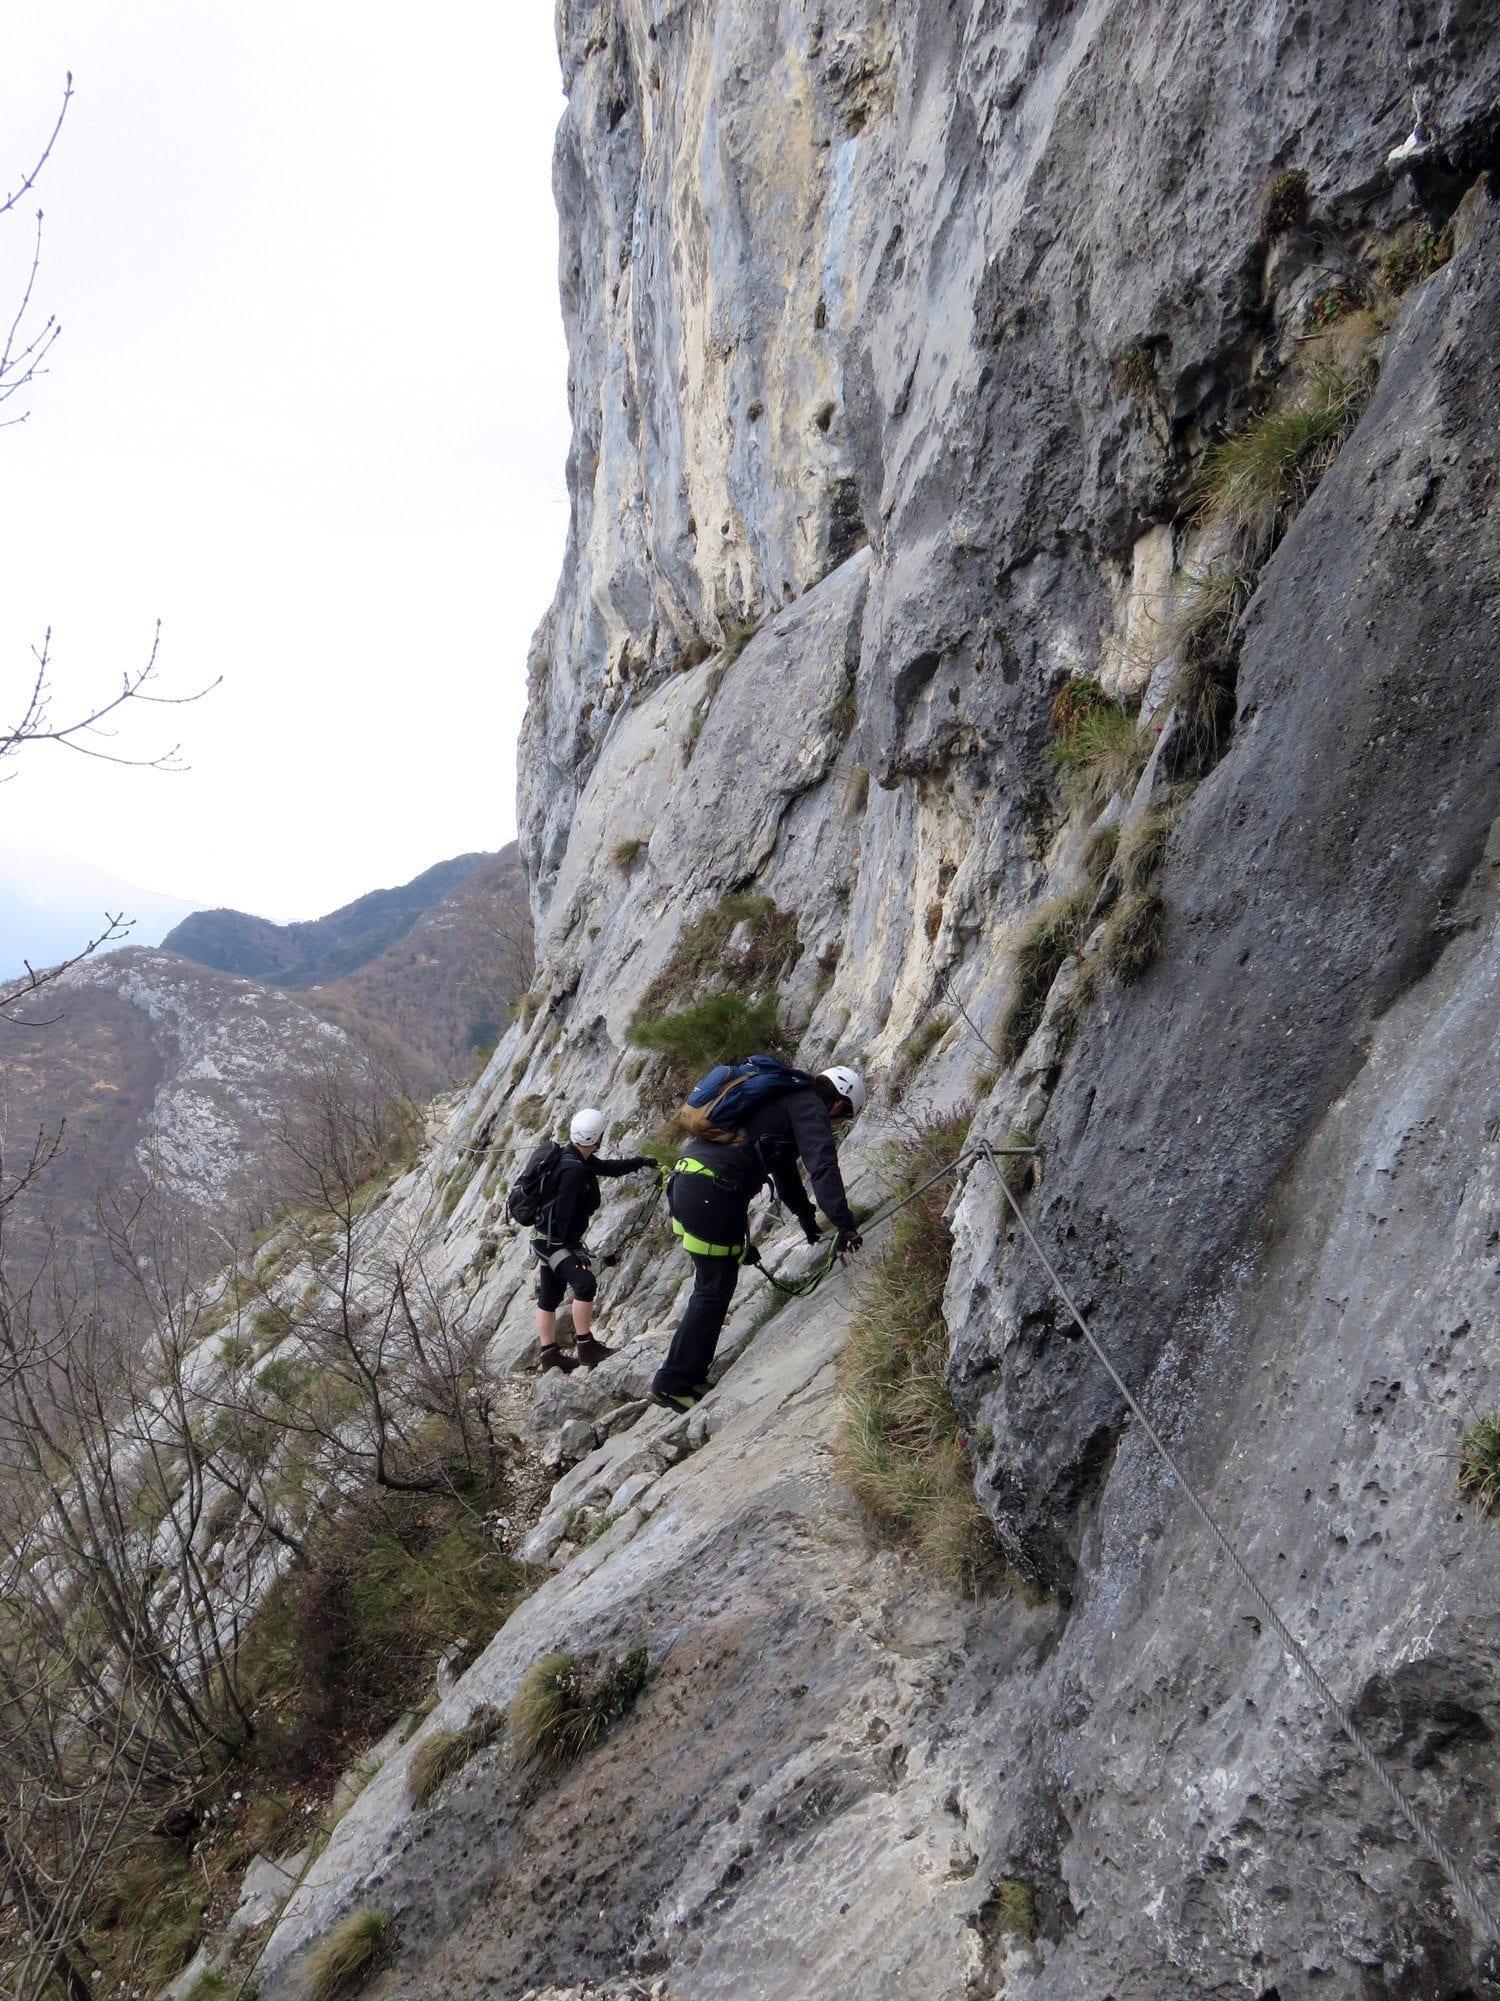 טיול אתגר באיטליה - קבוצה אינטימית - ויה פראטה Cima Capi - ערוצים בטבע